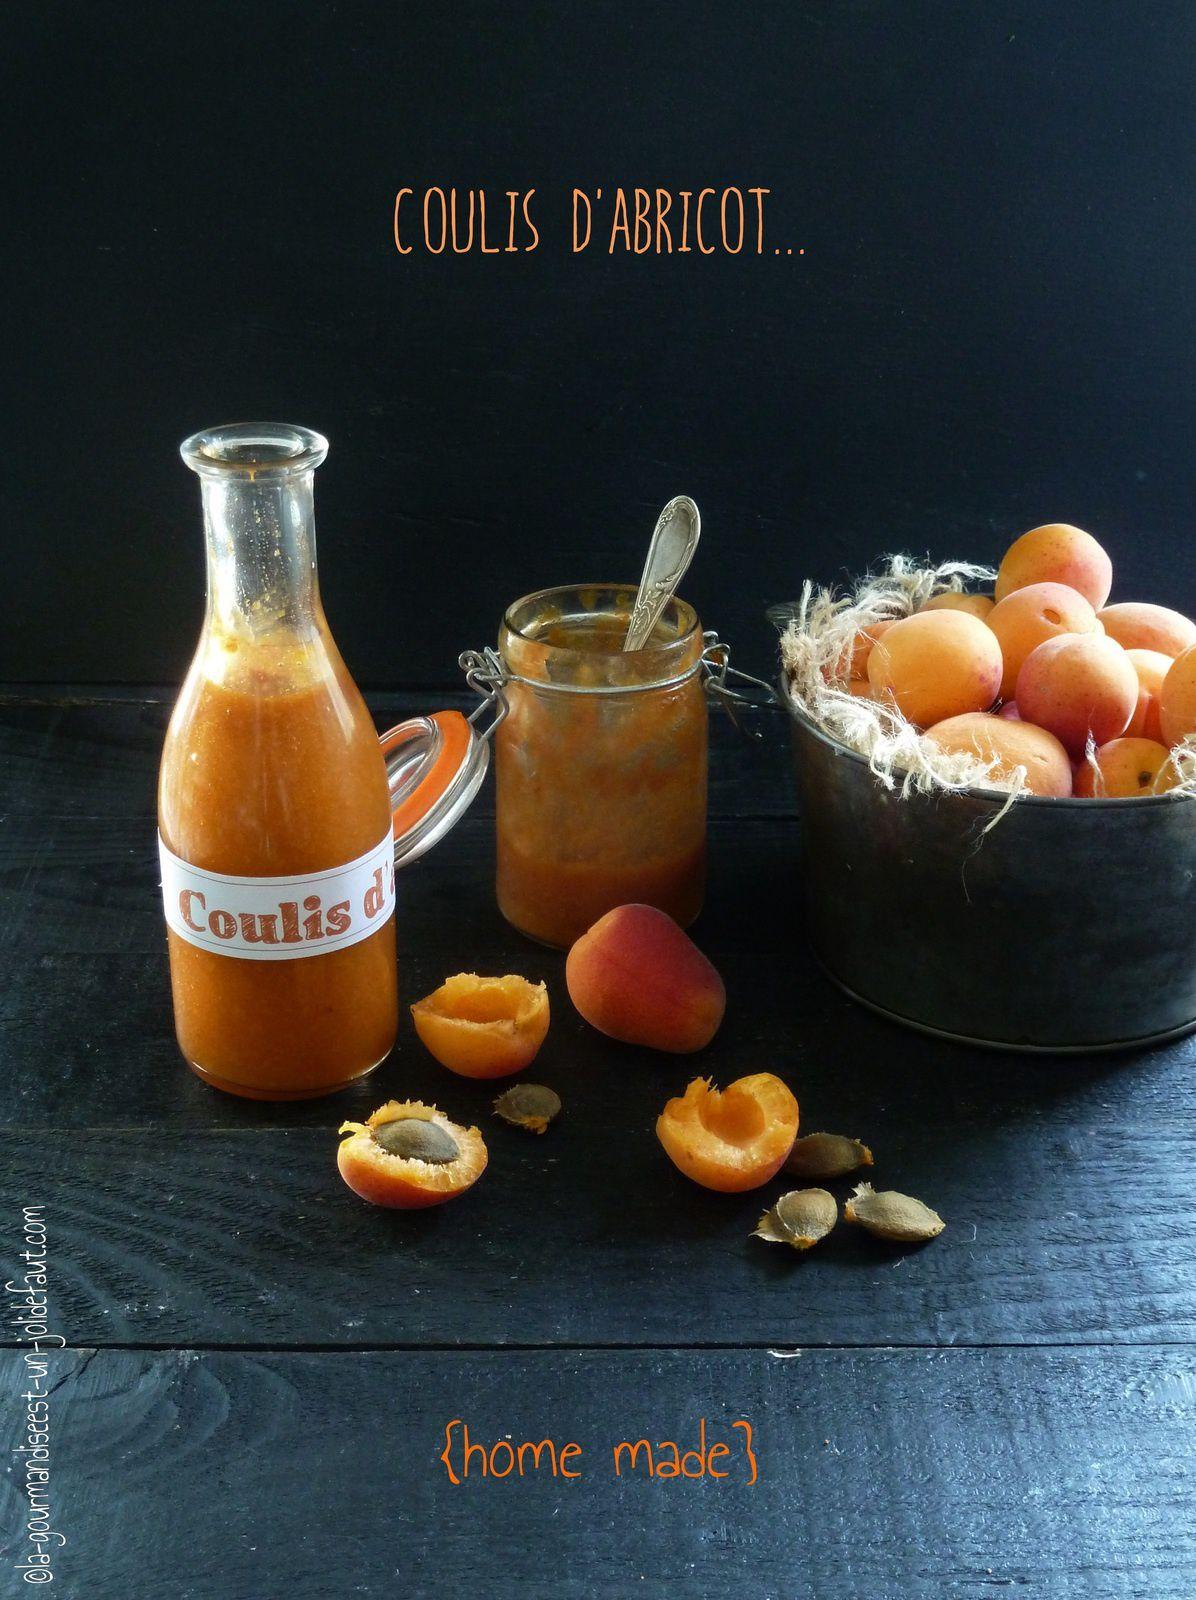 Coulis d'abricot